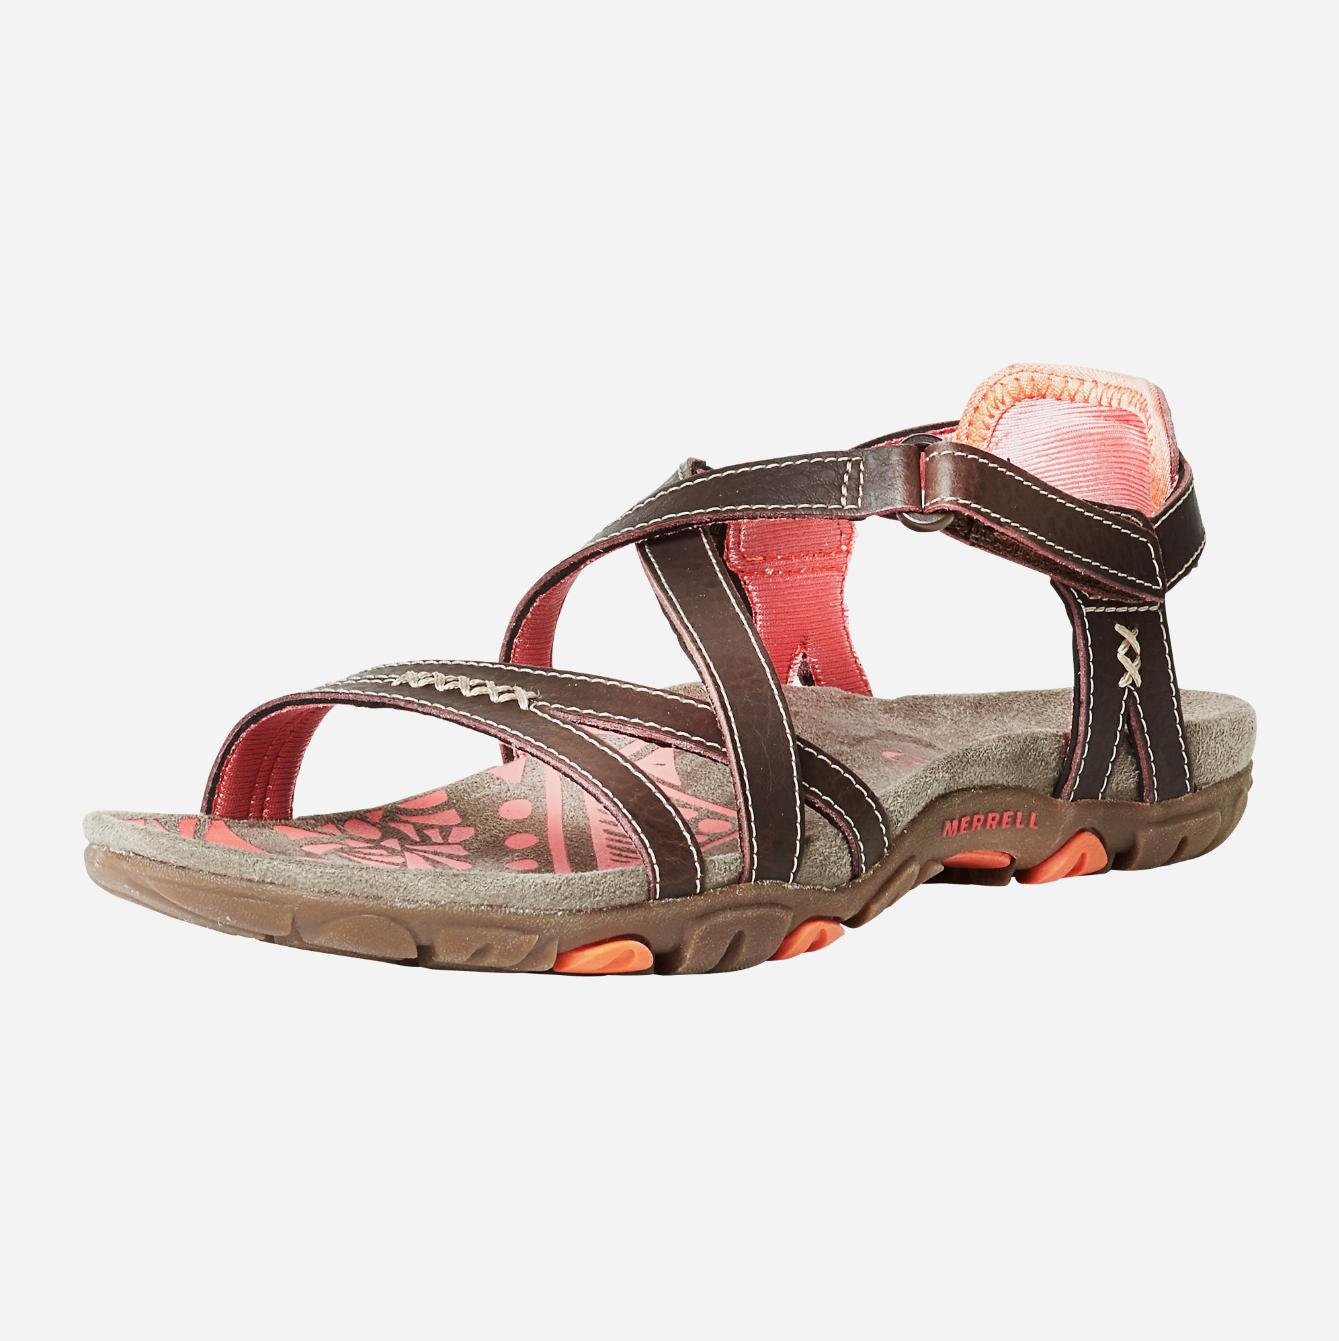 Sandales de randonnée Merrell Sandspur Rose Leather pour Femme - Tailles 36 à 42